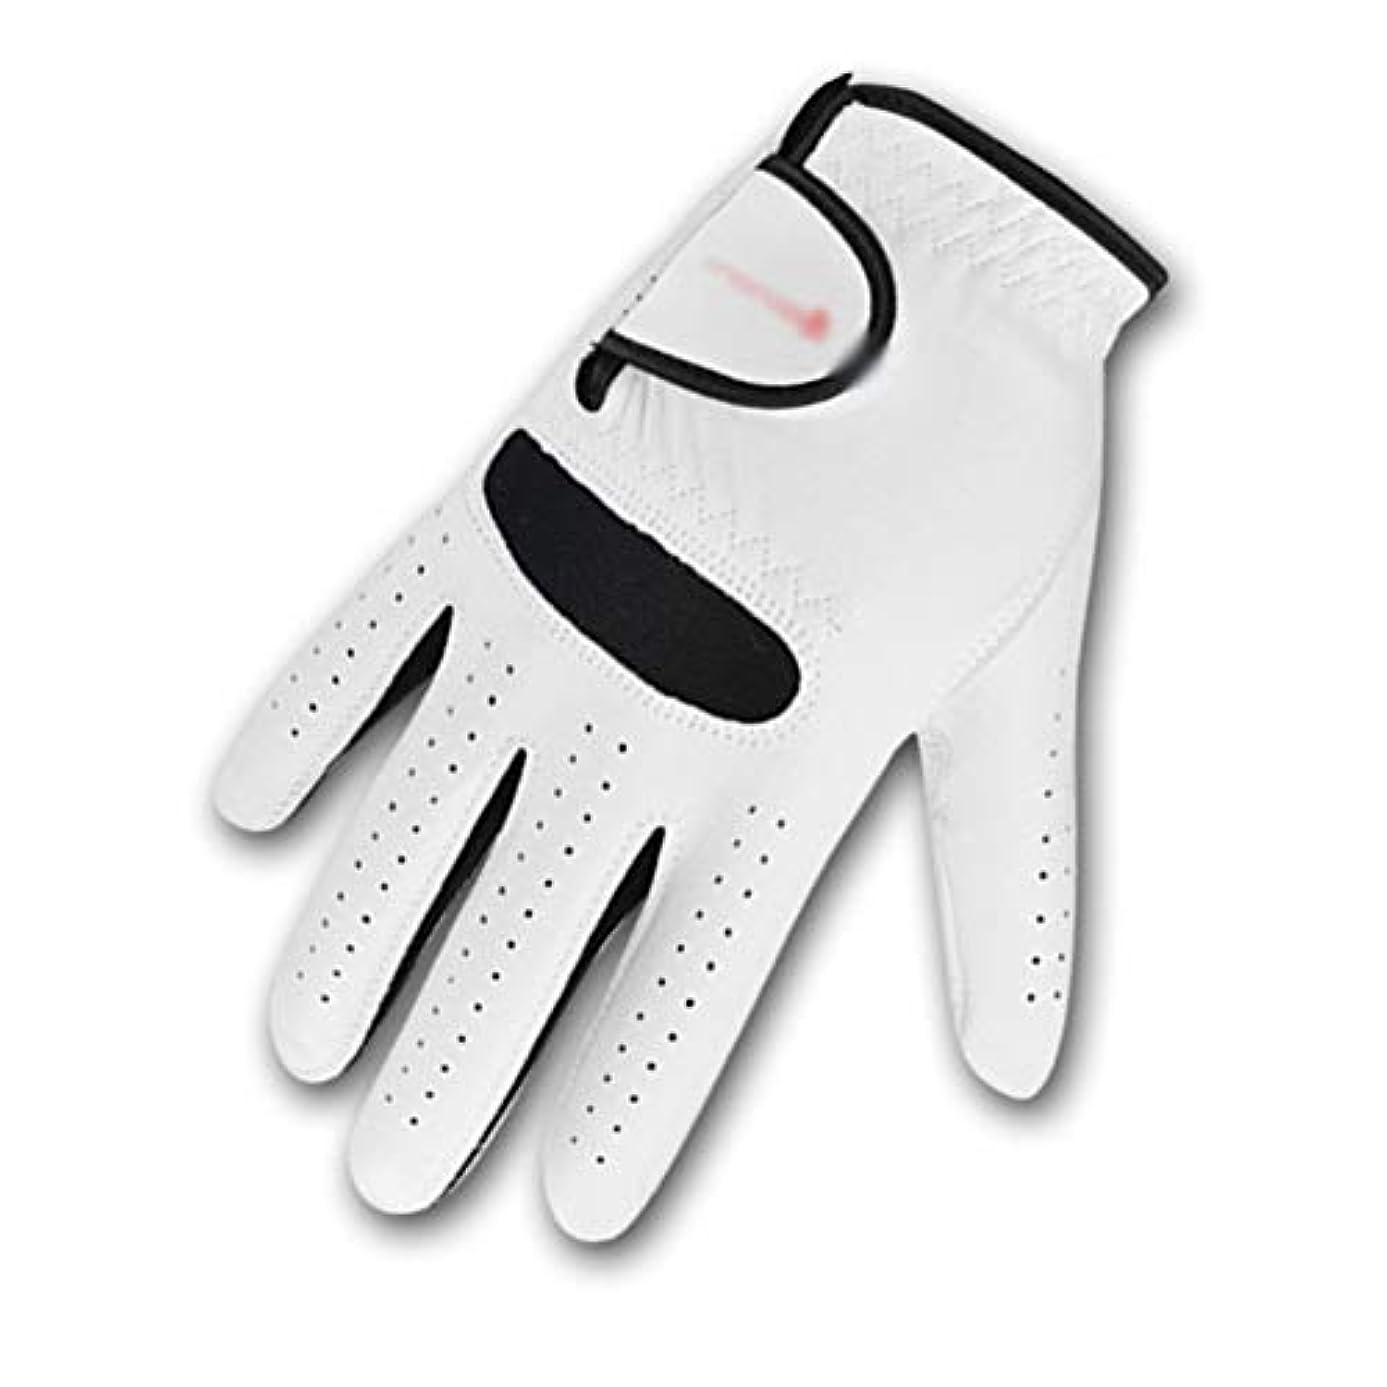 ファセット悲惨な安全性BMY ゴルフグローブコンプレッションフィット安定グリップ本革、ソフト、柔軟、抵抗力のある快適さ - 1のパック(ホワイト) - L